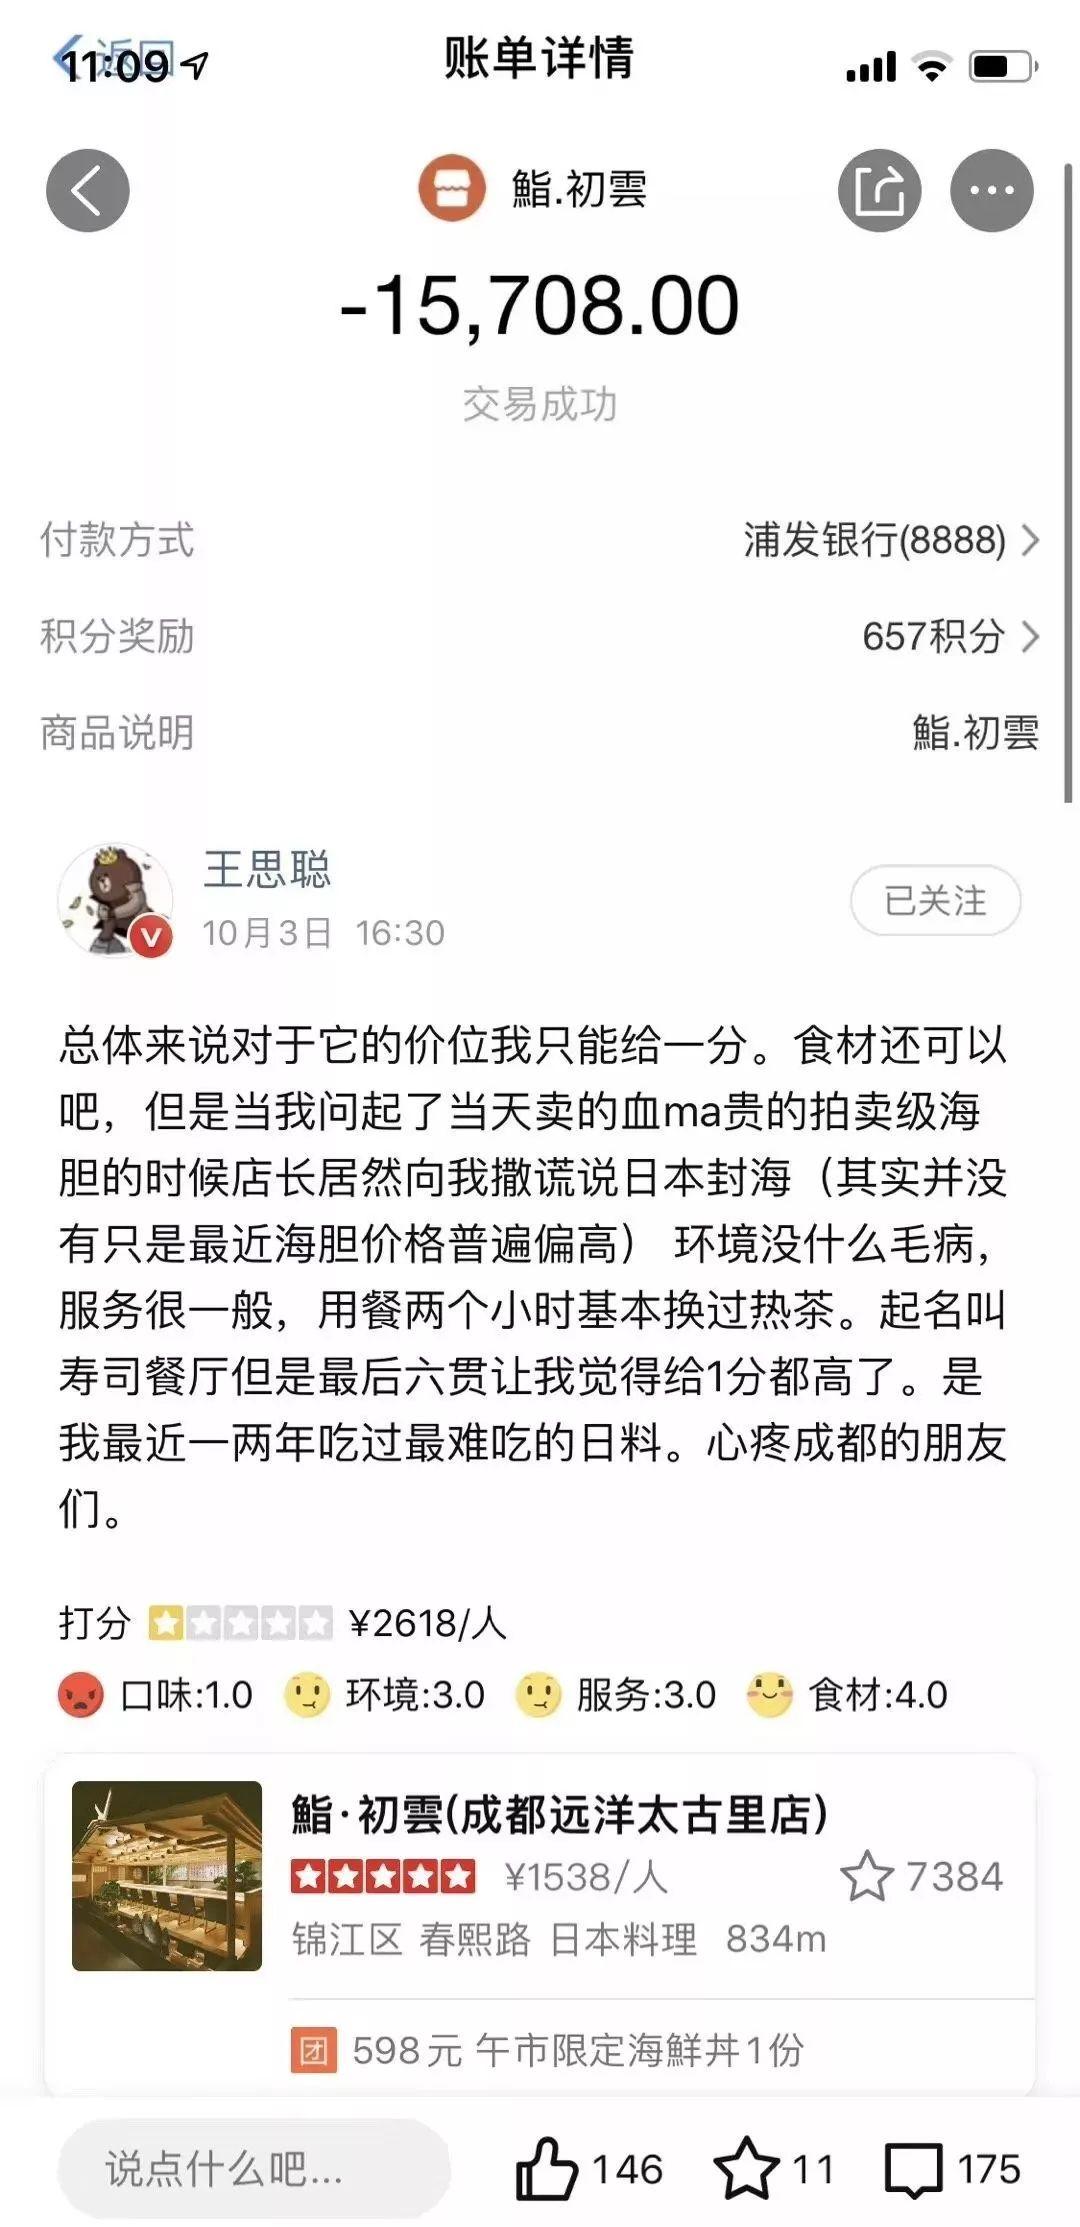 日料店回应王思聪 怀石料理究竟是什么?